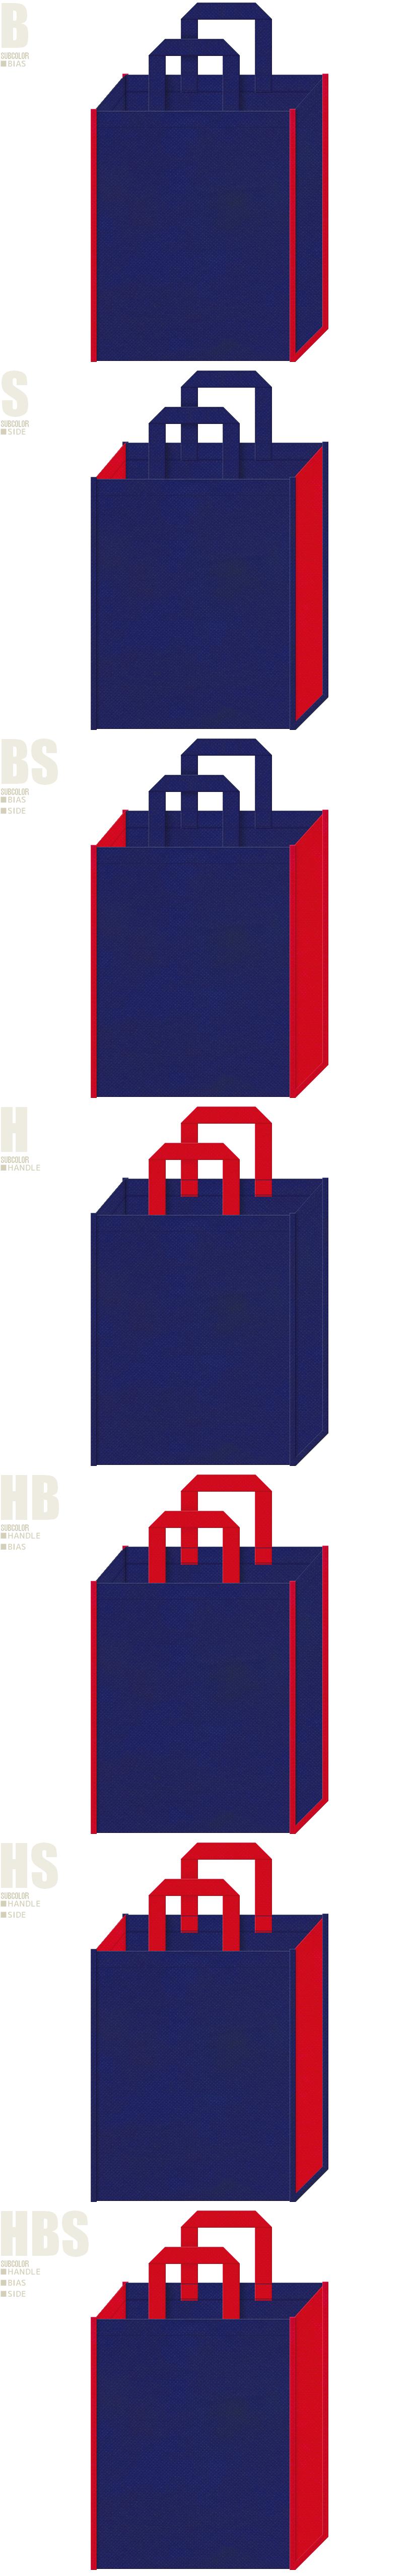 夏祭り・縁日・法被・花火大会・金魚すくい等のサマーイベント向けにお奨めの不織布バッグデザイン:明るい紺色と紅色の不織布バッグ配色7パターン